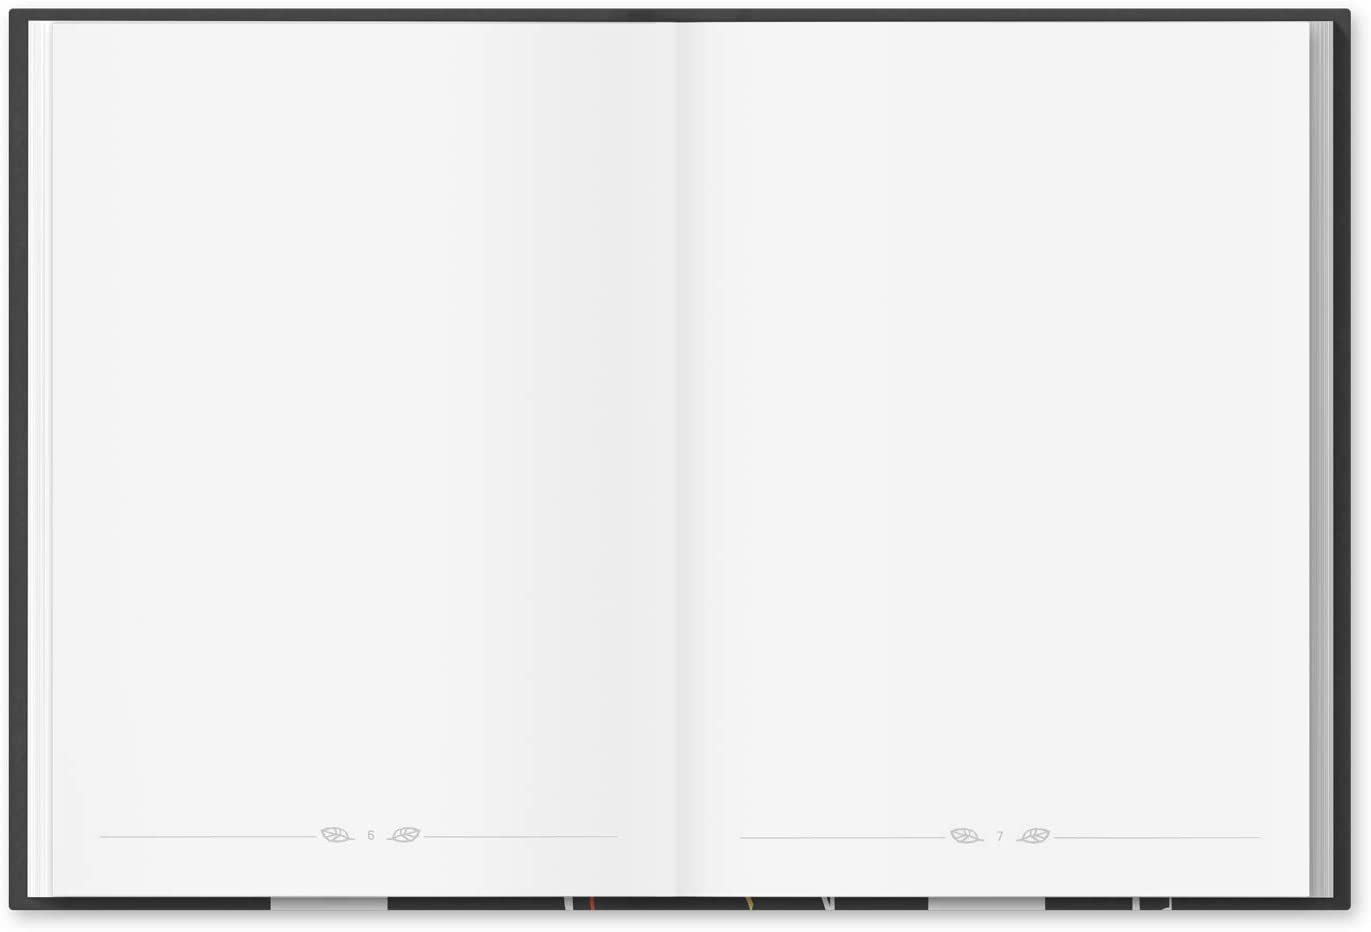 Blumen Design bunt Rezeptbuch zum Selberschreiben deine Lieblingsrezepte auf 90 blanko Seiten mit Inhaltsverzeichnis Premium Hardcover 17x24 cm DIY Blanko Kochbuch robuste Bindung